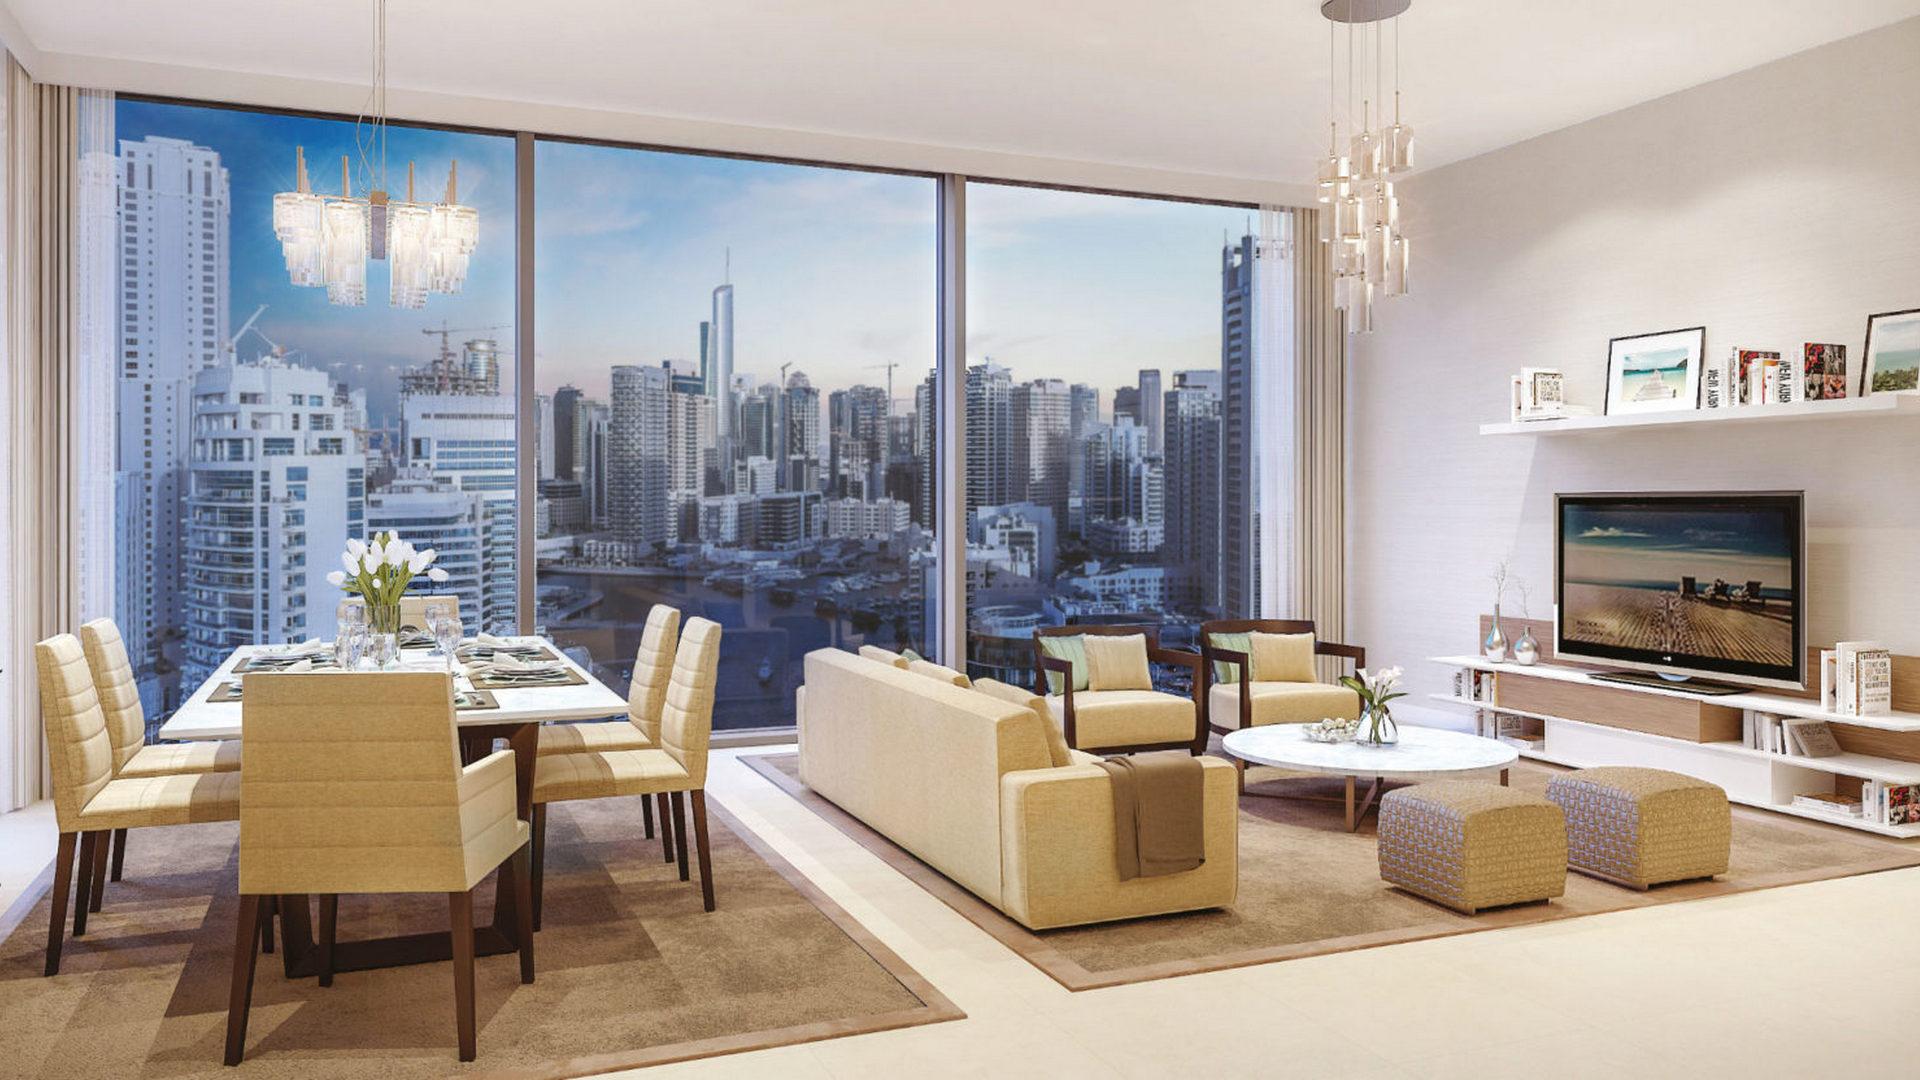 Apartamento en venta en Dubai, EAU, 3 dormitorios, 168 m2, № 24100 – foto 1